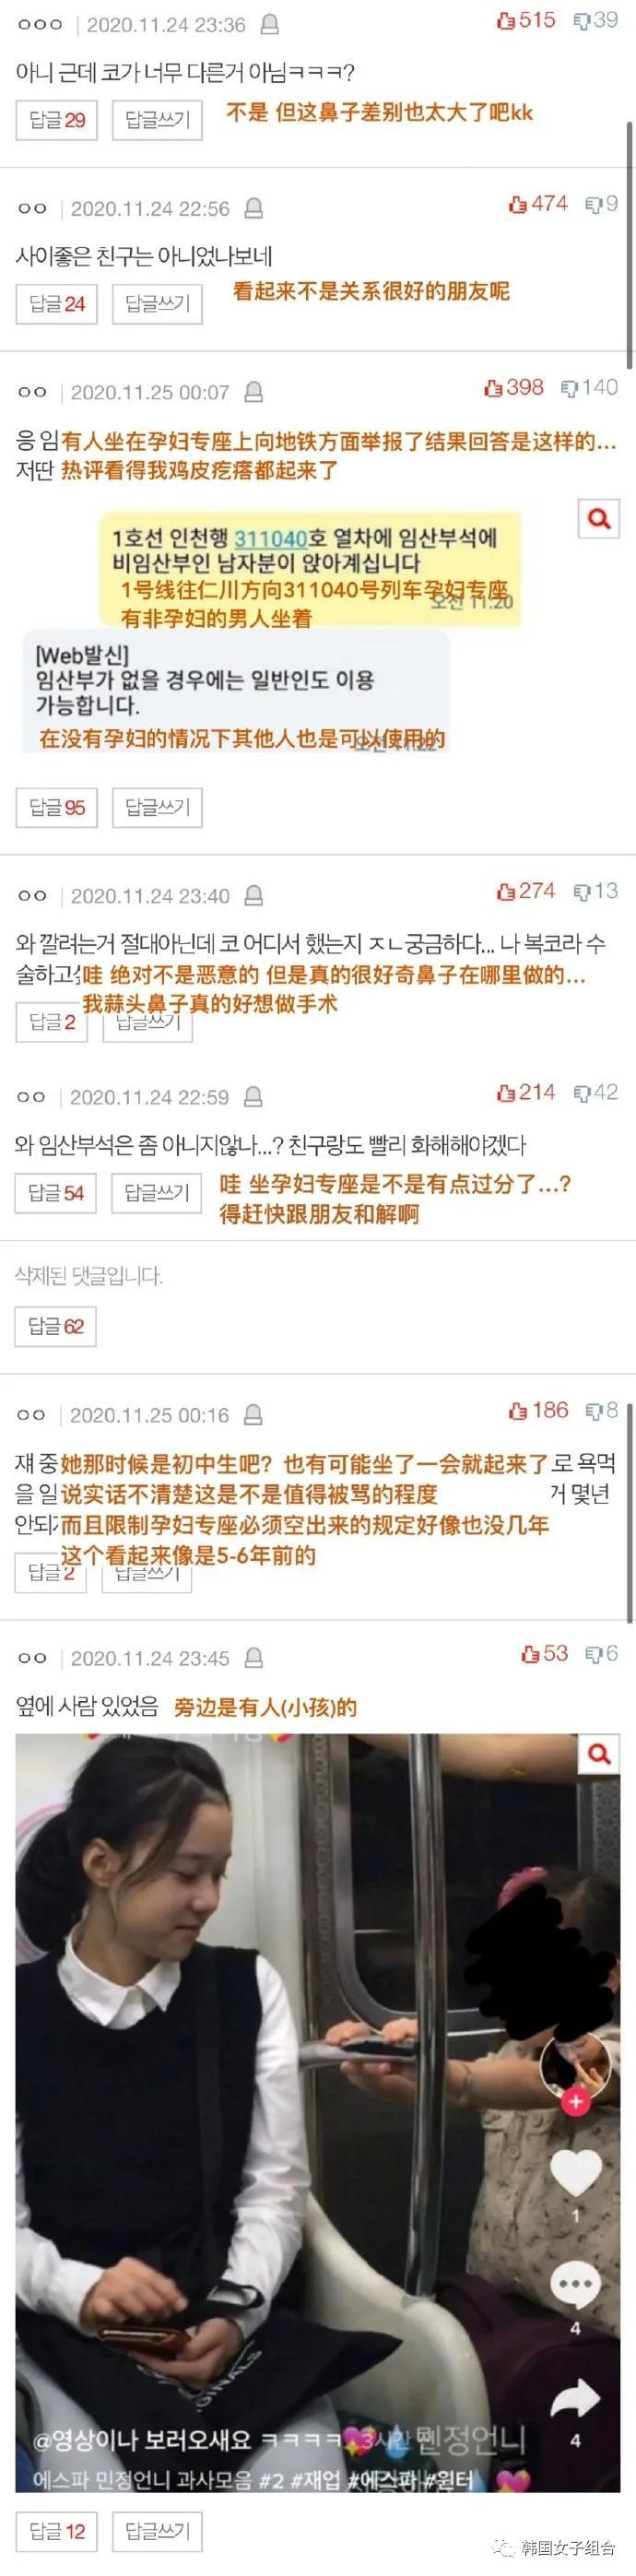 女团爱豆出道前坐了地铁孕妇专座,引发韩网友热议